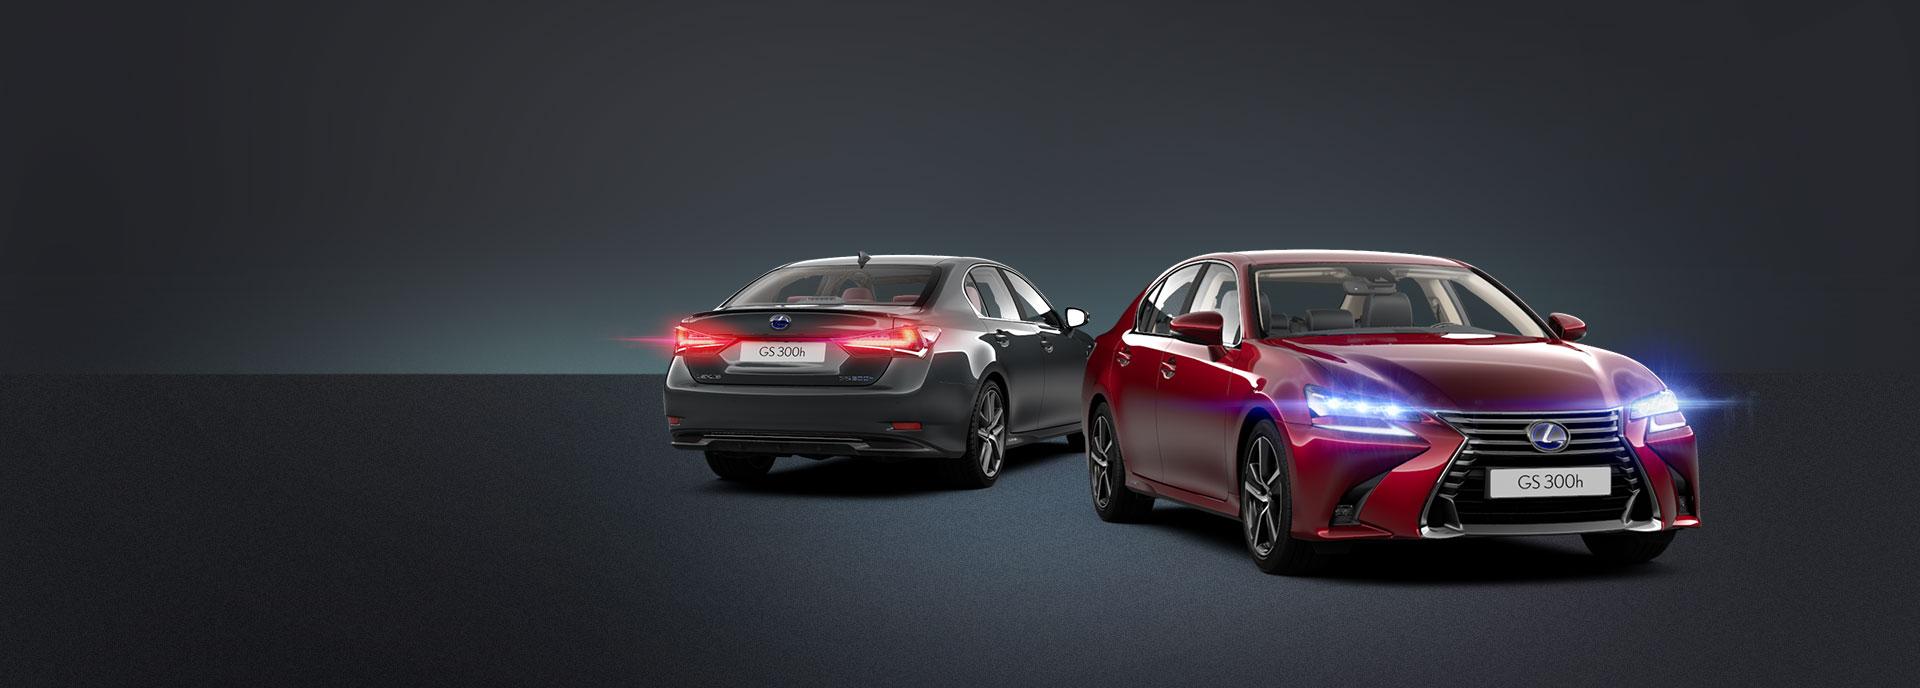 musta ja punainen Lexus GS 300h Hybrid